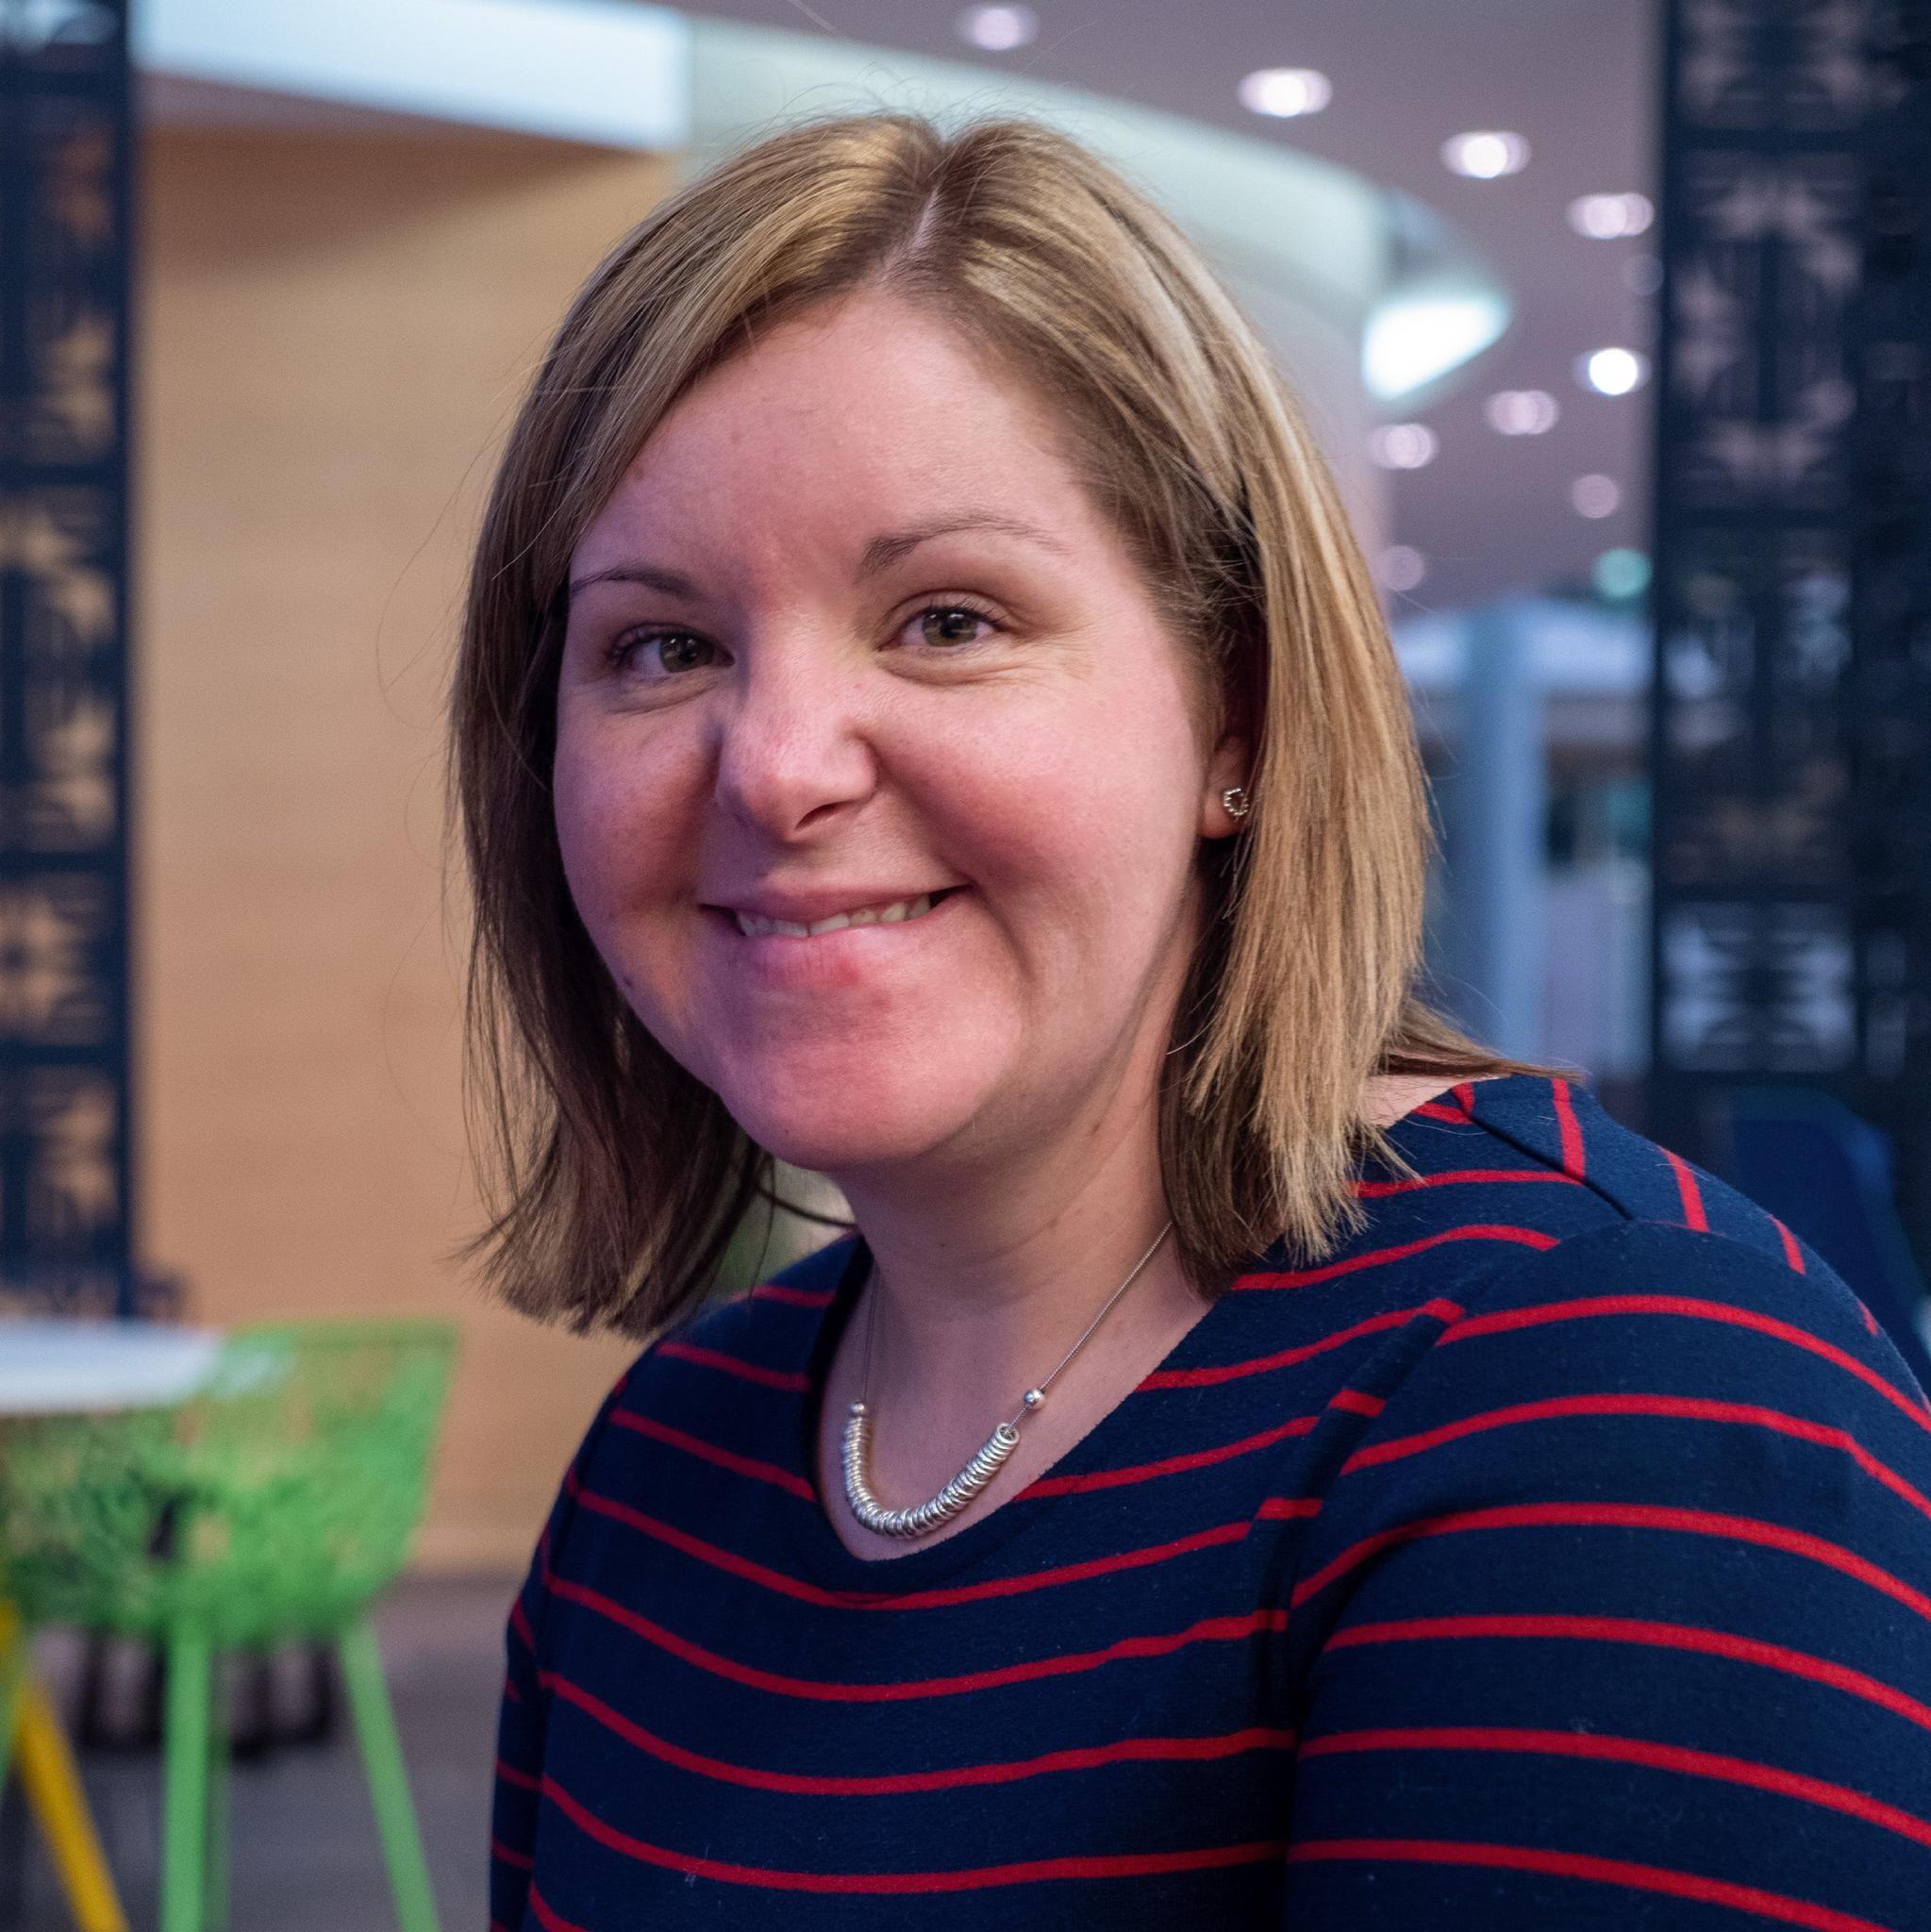 Sharon Midwinter